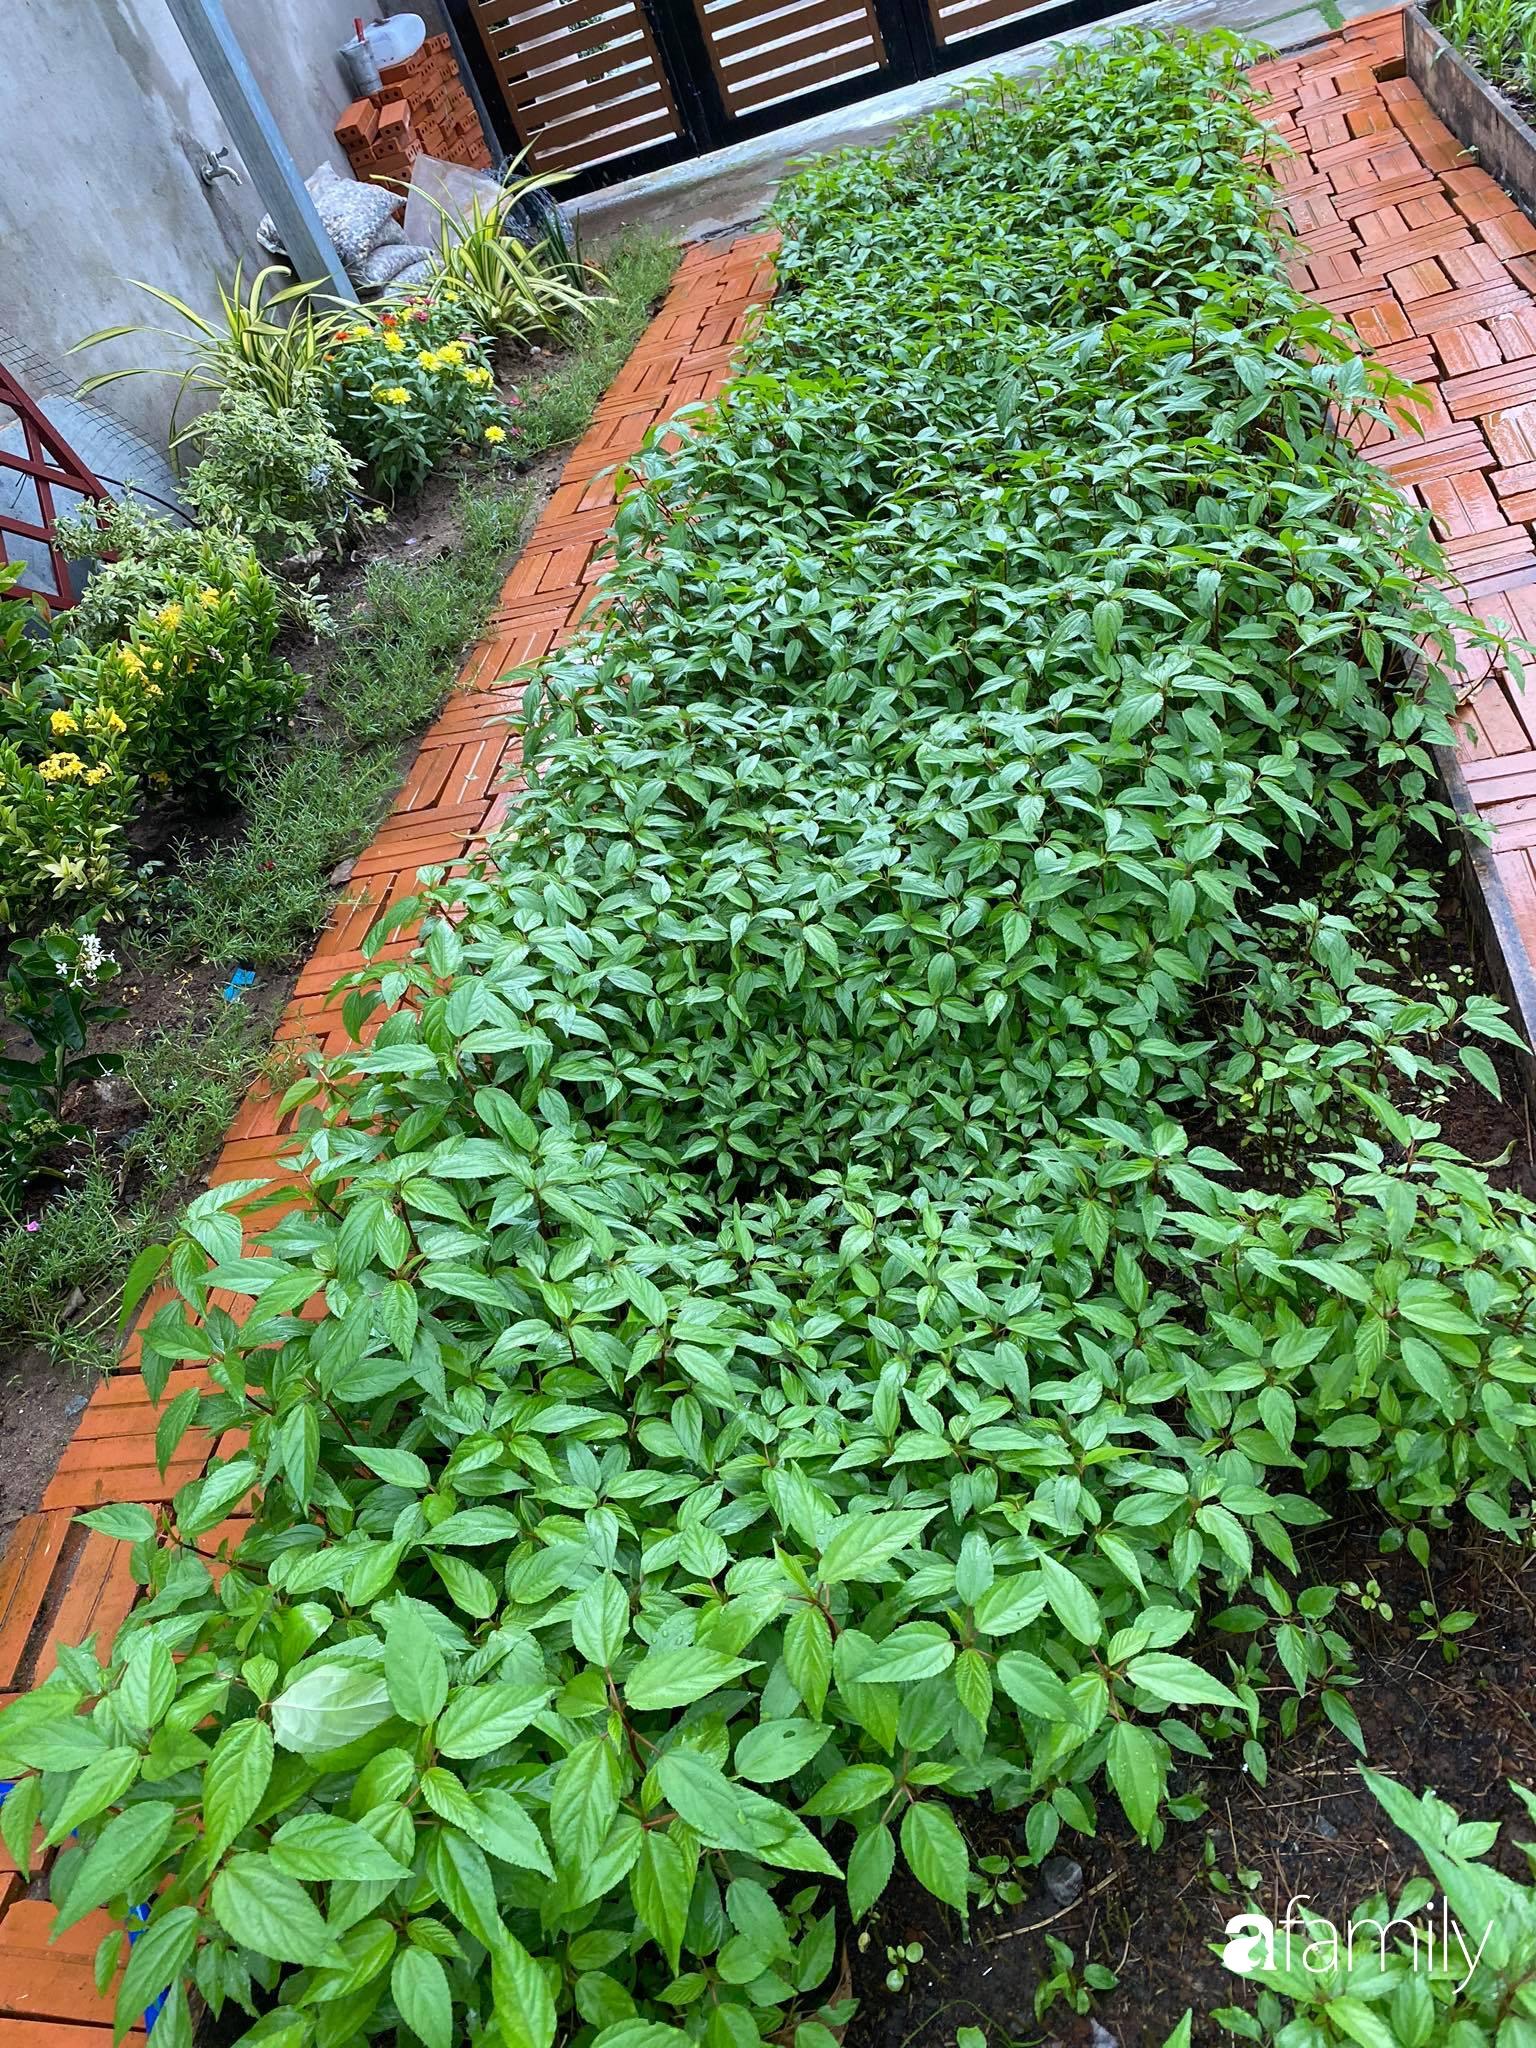 Con gái chi 500 triệu đồng xây nhà vườn container để bố về hưu thỏa mãn đam mê trồng rau ở Sài Gòn - Ảnh 6.